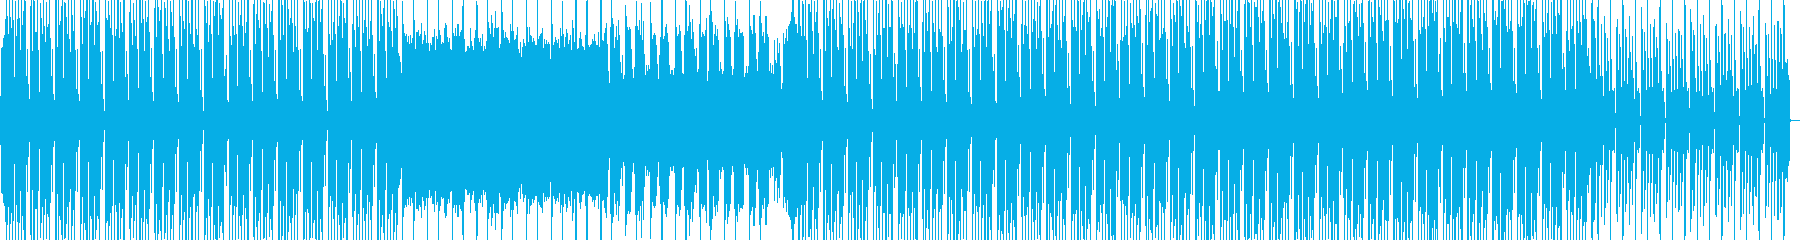 明るいポジティブなエレクトロBGMの再生済みの波形